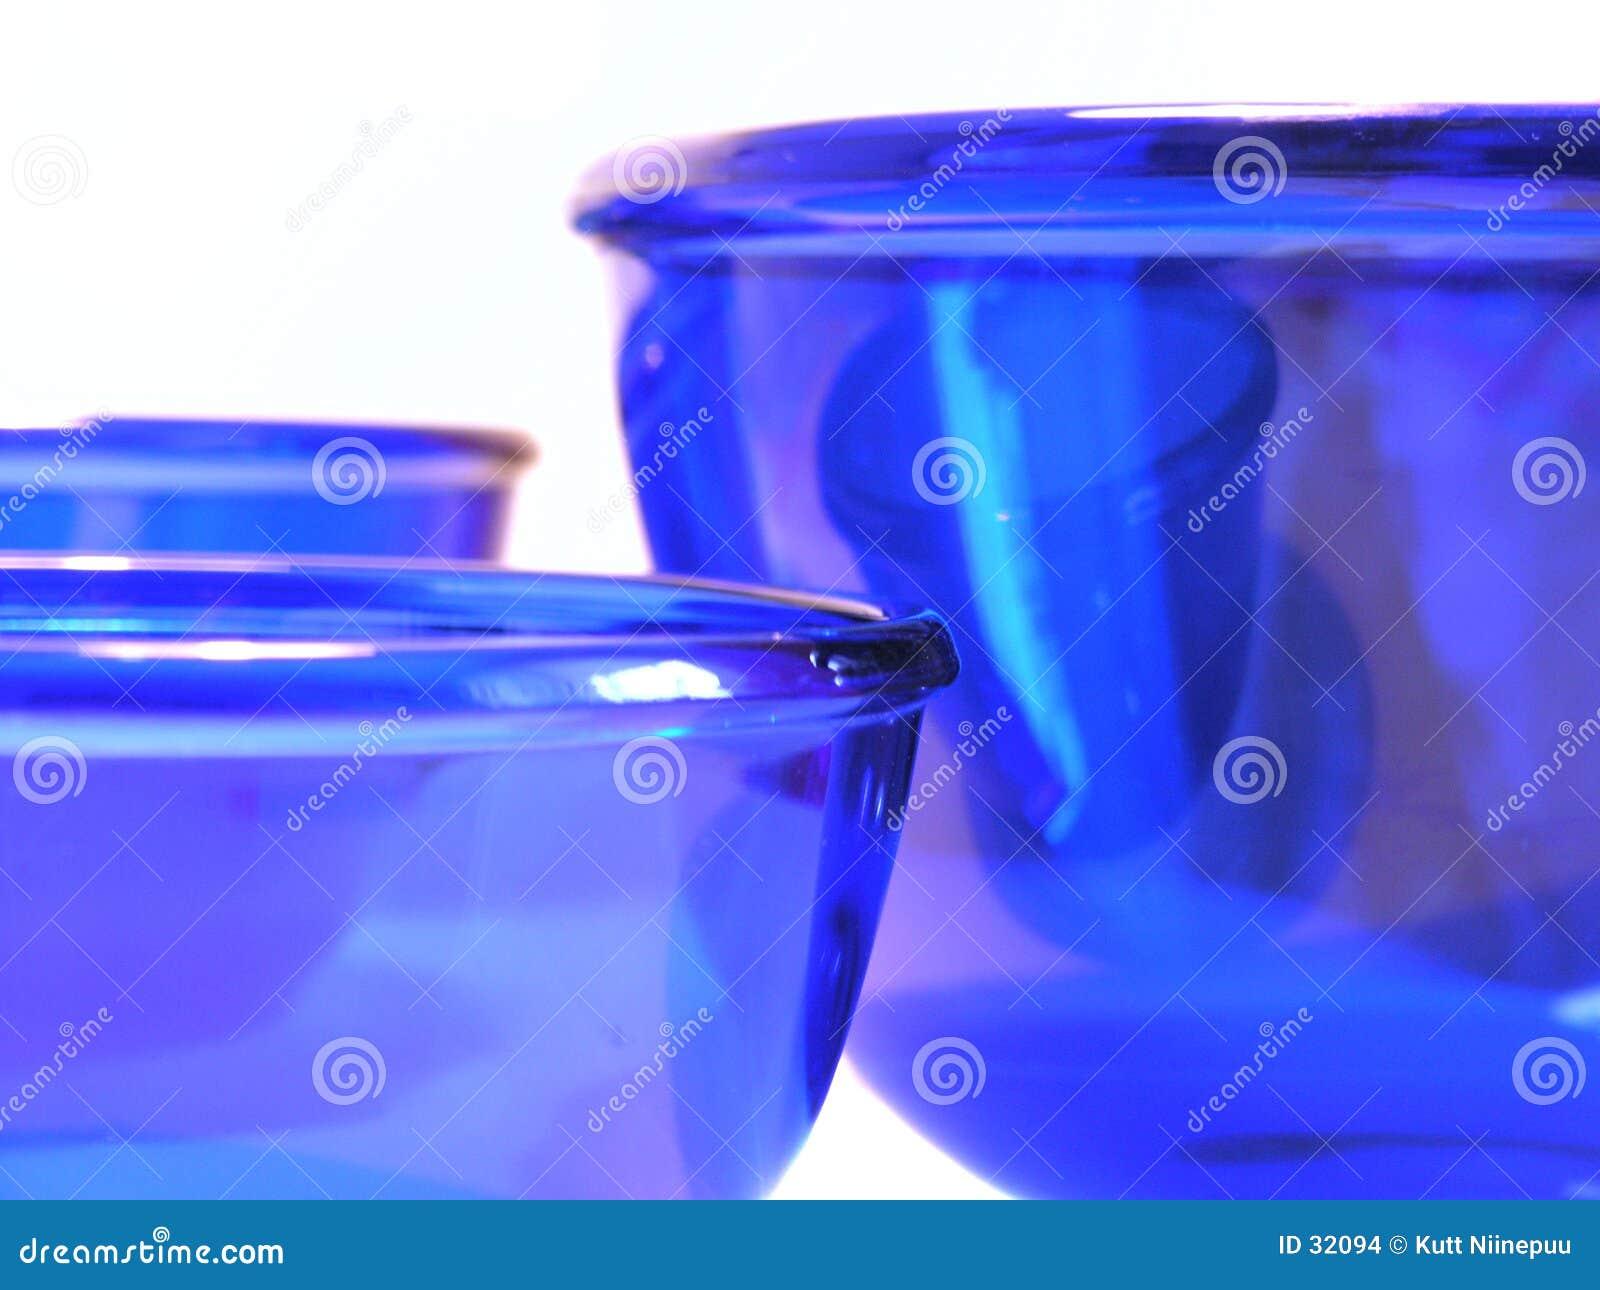 Download Tazones De Fuente De Cristal Azules Foto de archivo - Imagen de transparente, primer: 32094